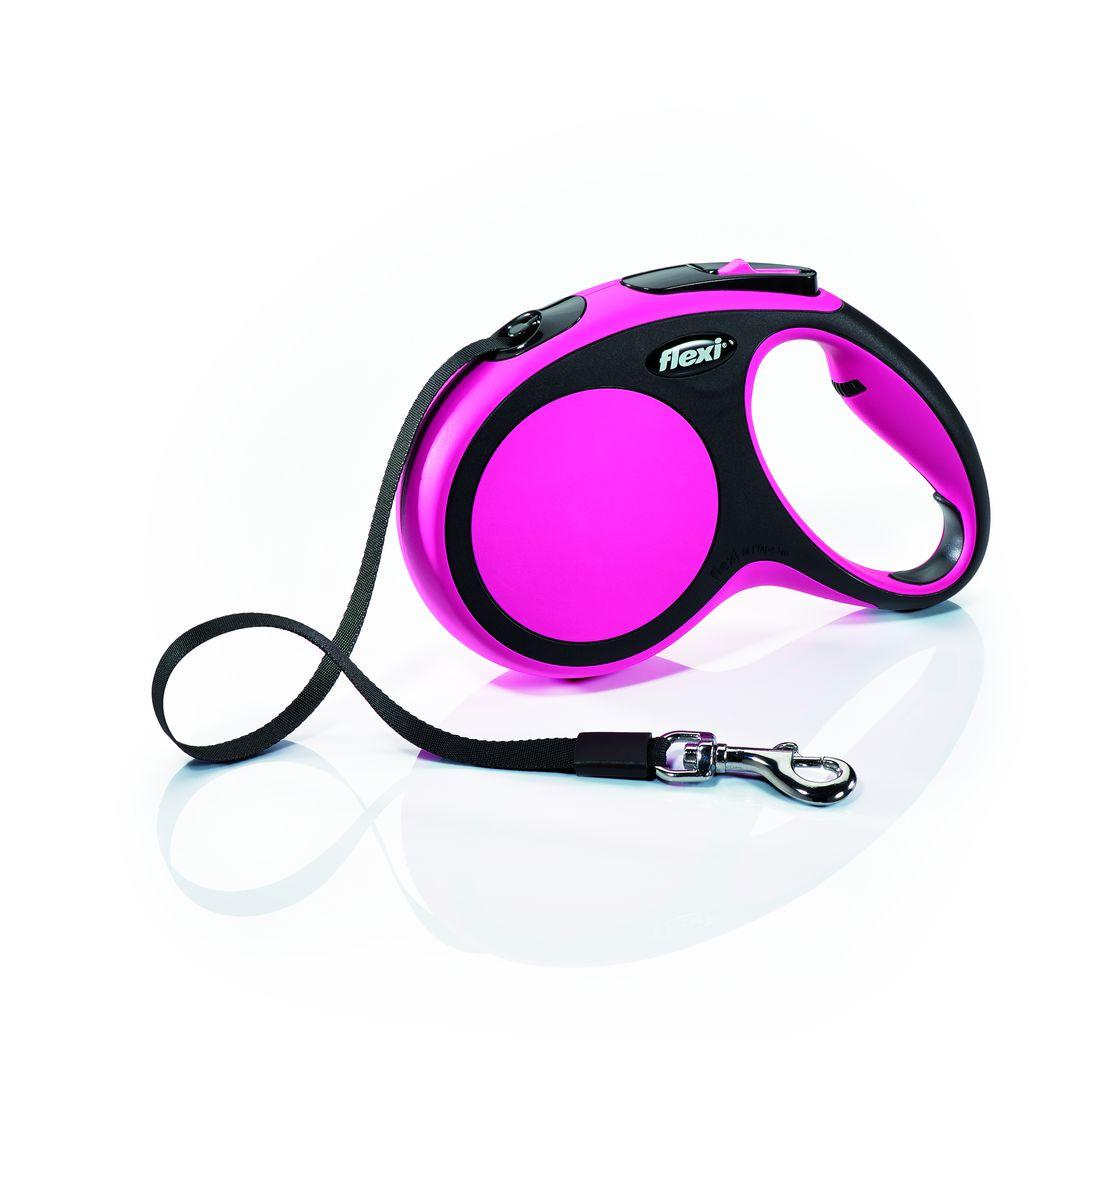 Поводок-рулетка Flexi New Comfort М, лента, для собак весом до 25 кг, цвет: черный, розовый, 5 м28216Ленточный поводок-рулетка обеспечивает собаке свободу движения, что идет на пользу здоровью и радует вашего четвероногого друга. Рулетка очень проста в использовании. Оснащена кнопками кратковременной и постоянной фиксации. Рулетку можно оснастить - мультибоксом для лакомств или пакетиков для сбора фекалий, LED подсветкой корпуса.Прочный корпус, хромированная застежка и светоотражающие элементы.Лента поводка автоматически сматывается и поводок в процессе использования не провисает, не касается грунта и таким образом не пачкается и не перетирается. Поводок не нужно подбирать руками когда питомец подошел ближе, таким образом ваши руки всегда чистые.На рукоятке имеется колесико позволяющее адаптировать размер рукоятки под размер рукиМаксимальный вес питомца: 25 кг.Длина: 5 м.